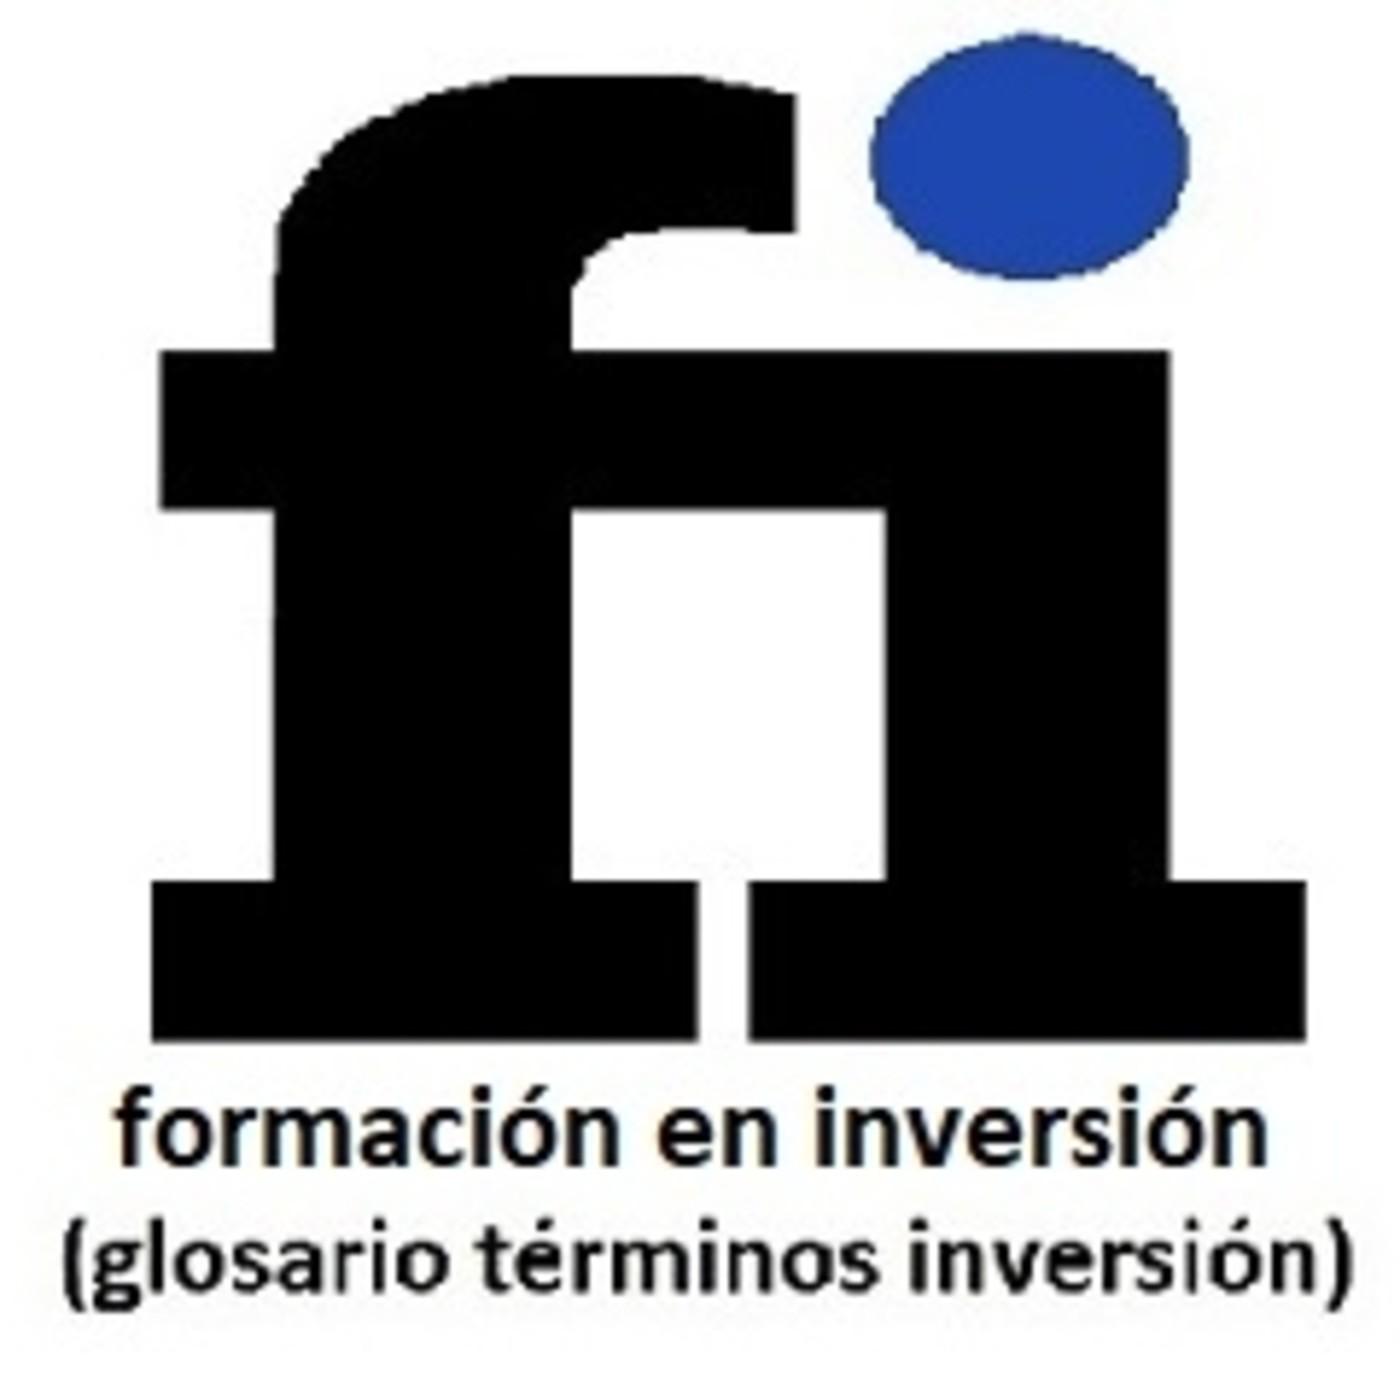 """53-""""CARACTERÍSTICAS DEL ERTE POR CAUSA ECON., TÉCNICA, ORGAN. Y PROD."""" (Glosario de términos de inversión-Form. en Inv.)"""